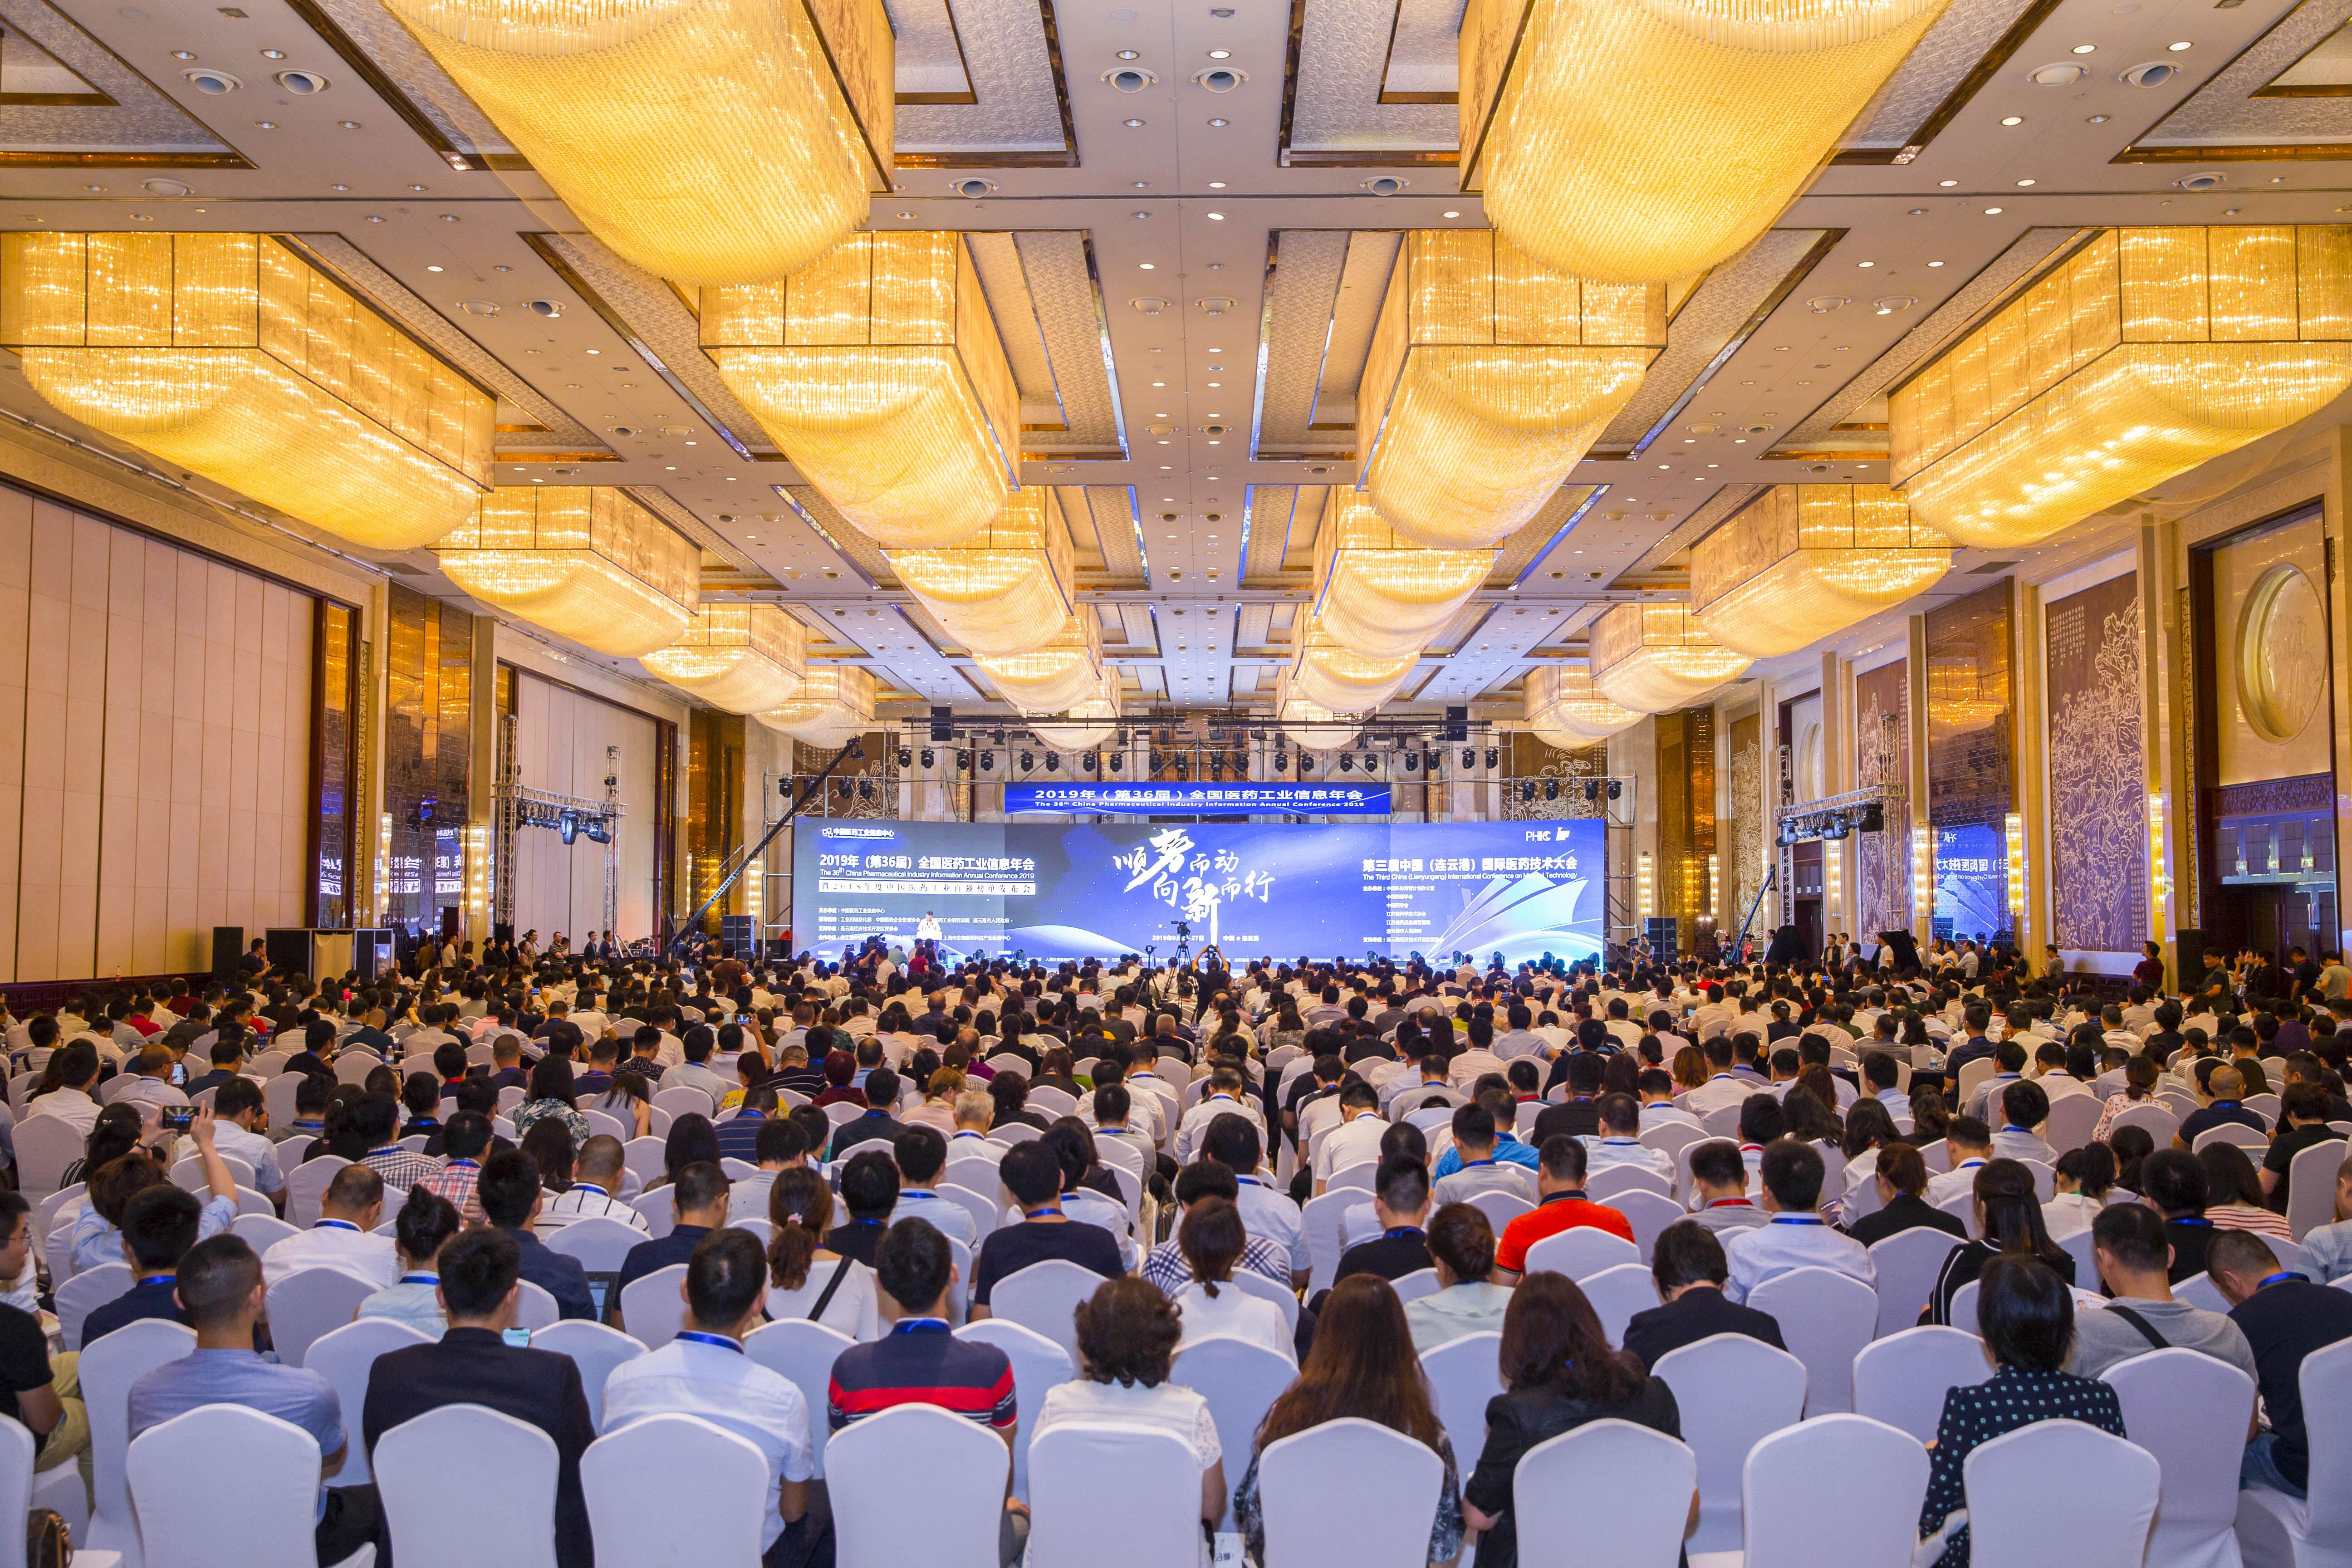 第三届中国(连云港)国际医药技术大会举行